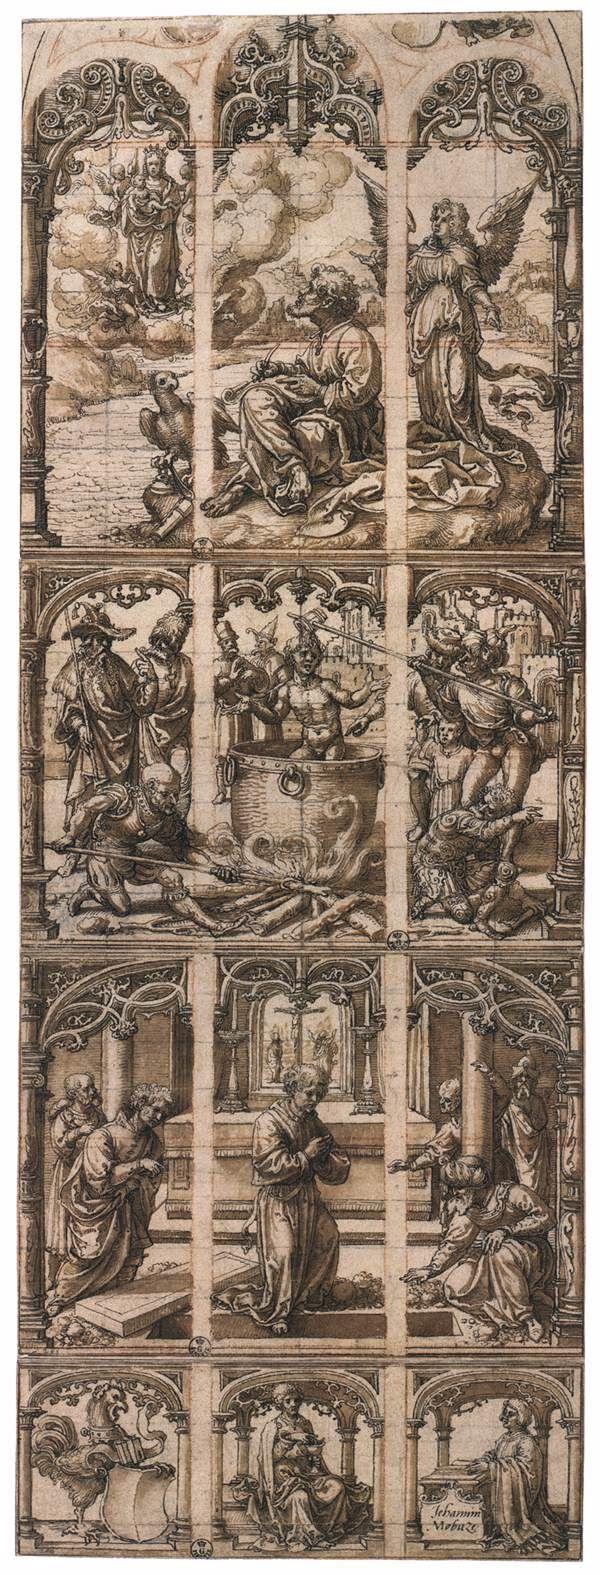 Σχεδιασμός για γυάλινο παράθυρο (1520ς)